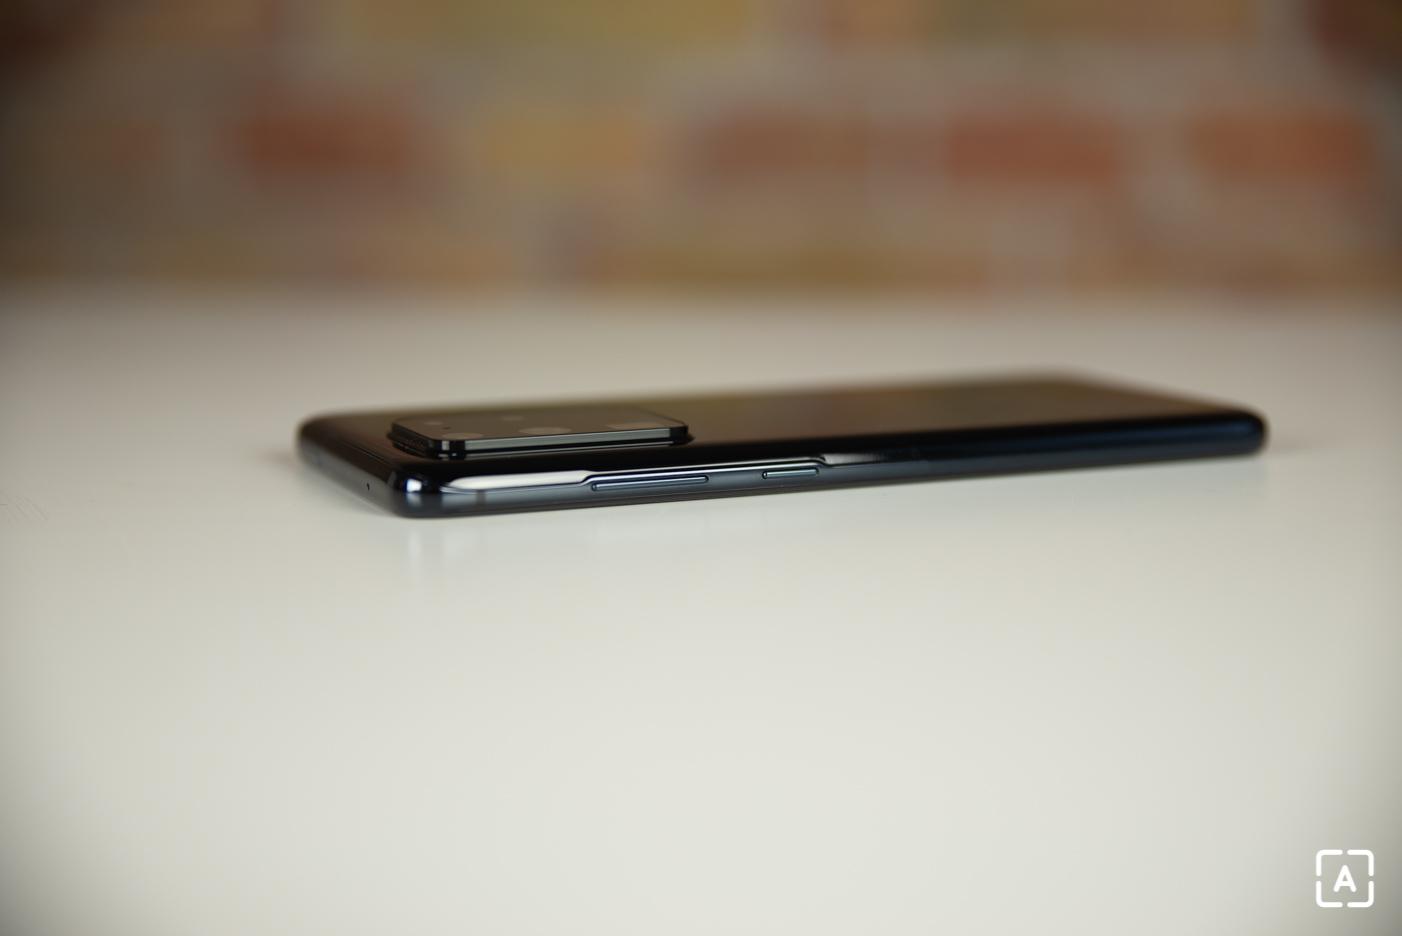 Samsung Galaxy S20 Ultra zamykacie tlacidlo